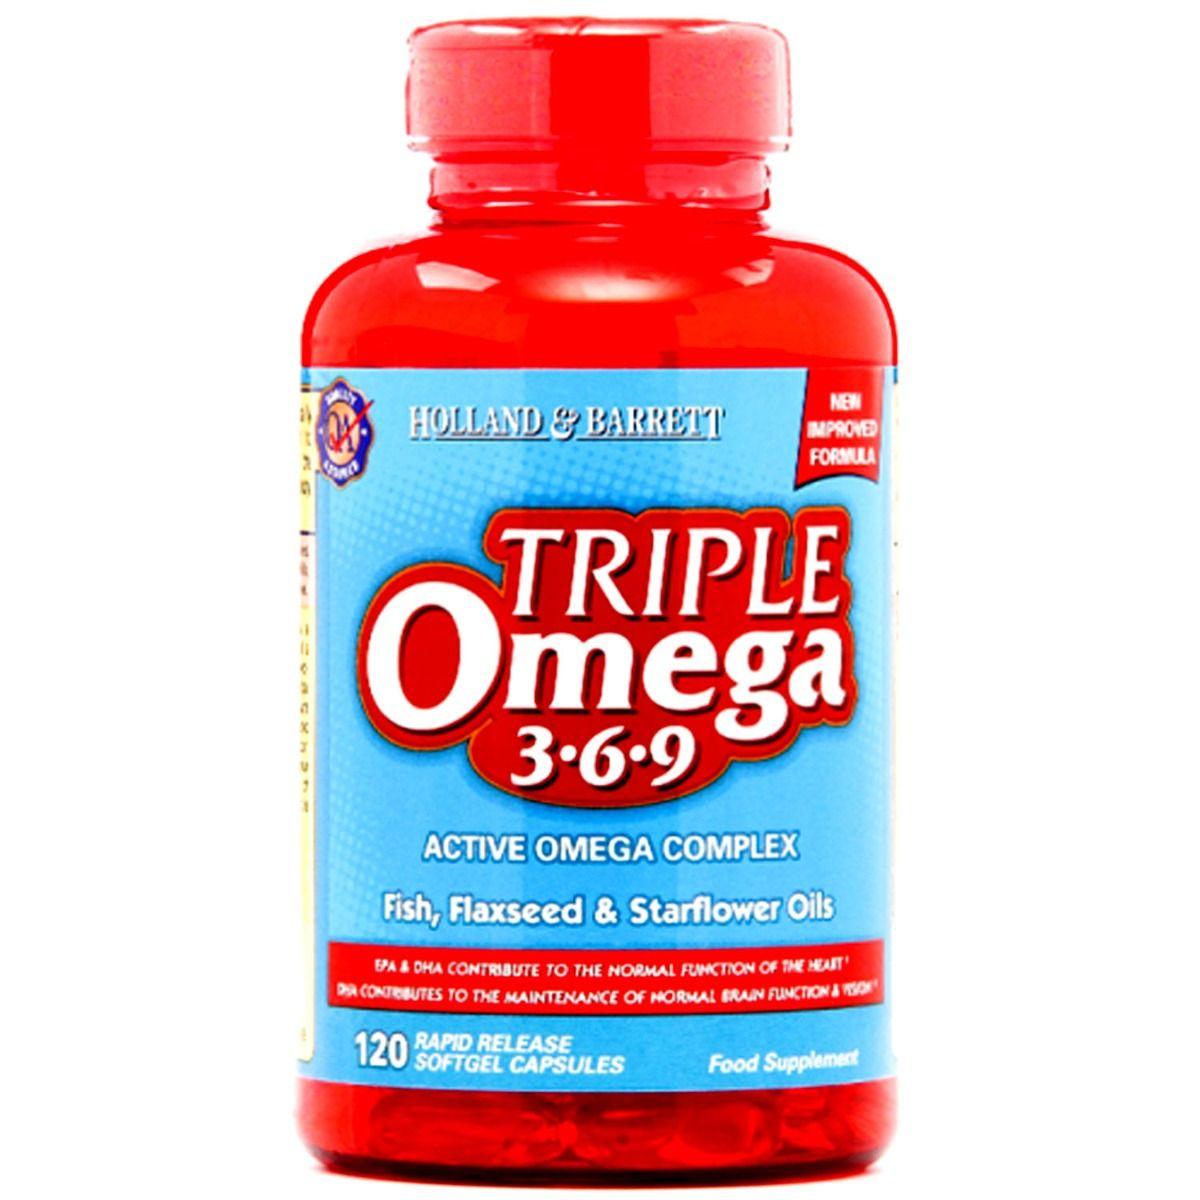 Holland & Barrett Maximum Strength Triple Omega 3-6-9 Capsules 120's